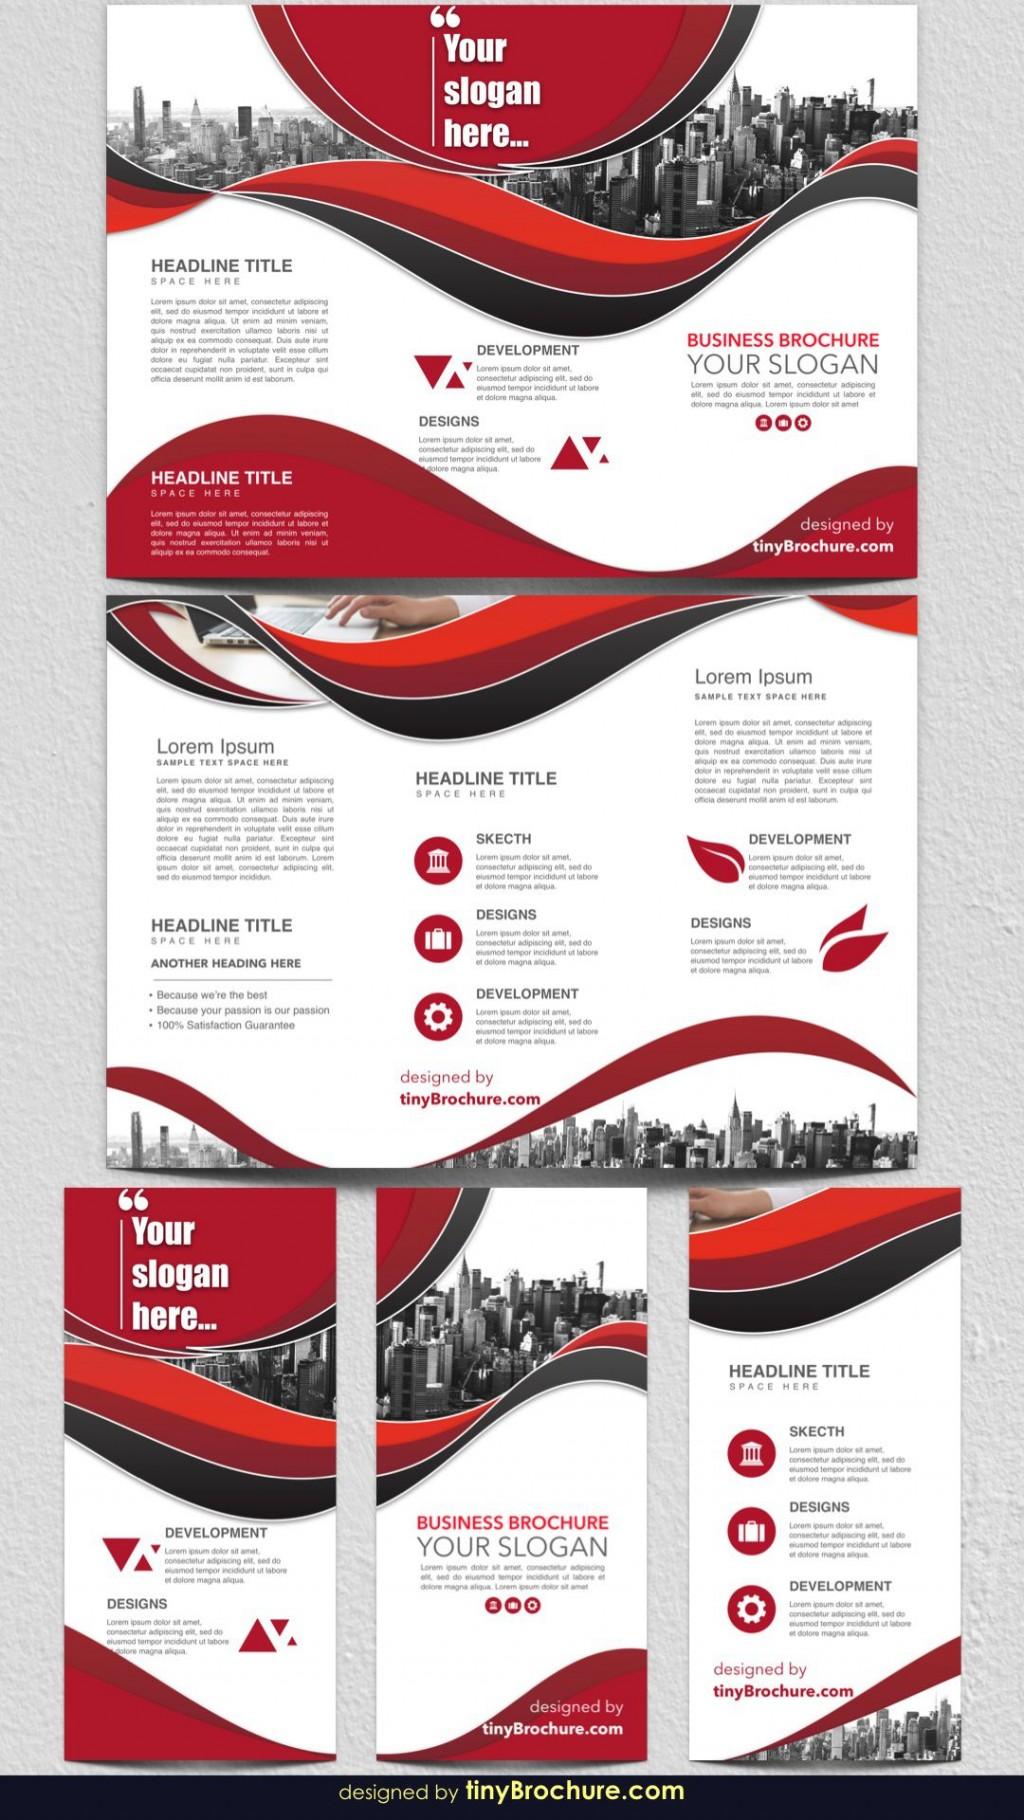 001 Stupendou Tri Fold Template Google Doc Image  Docs Brochure Free Pamphlet Blank SlideLarge